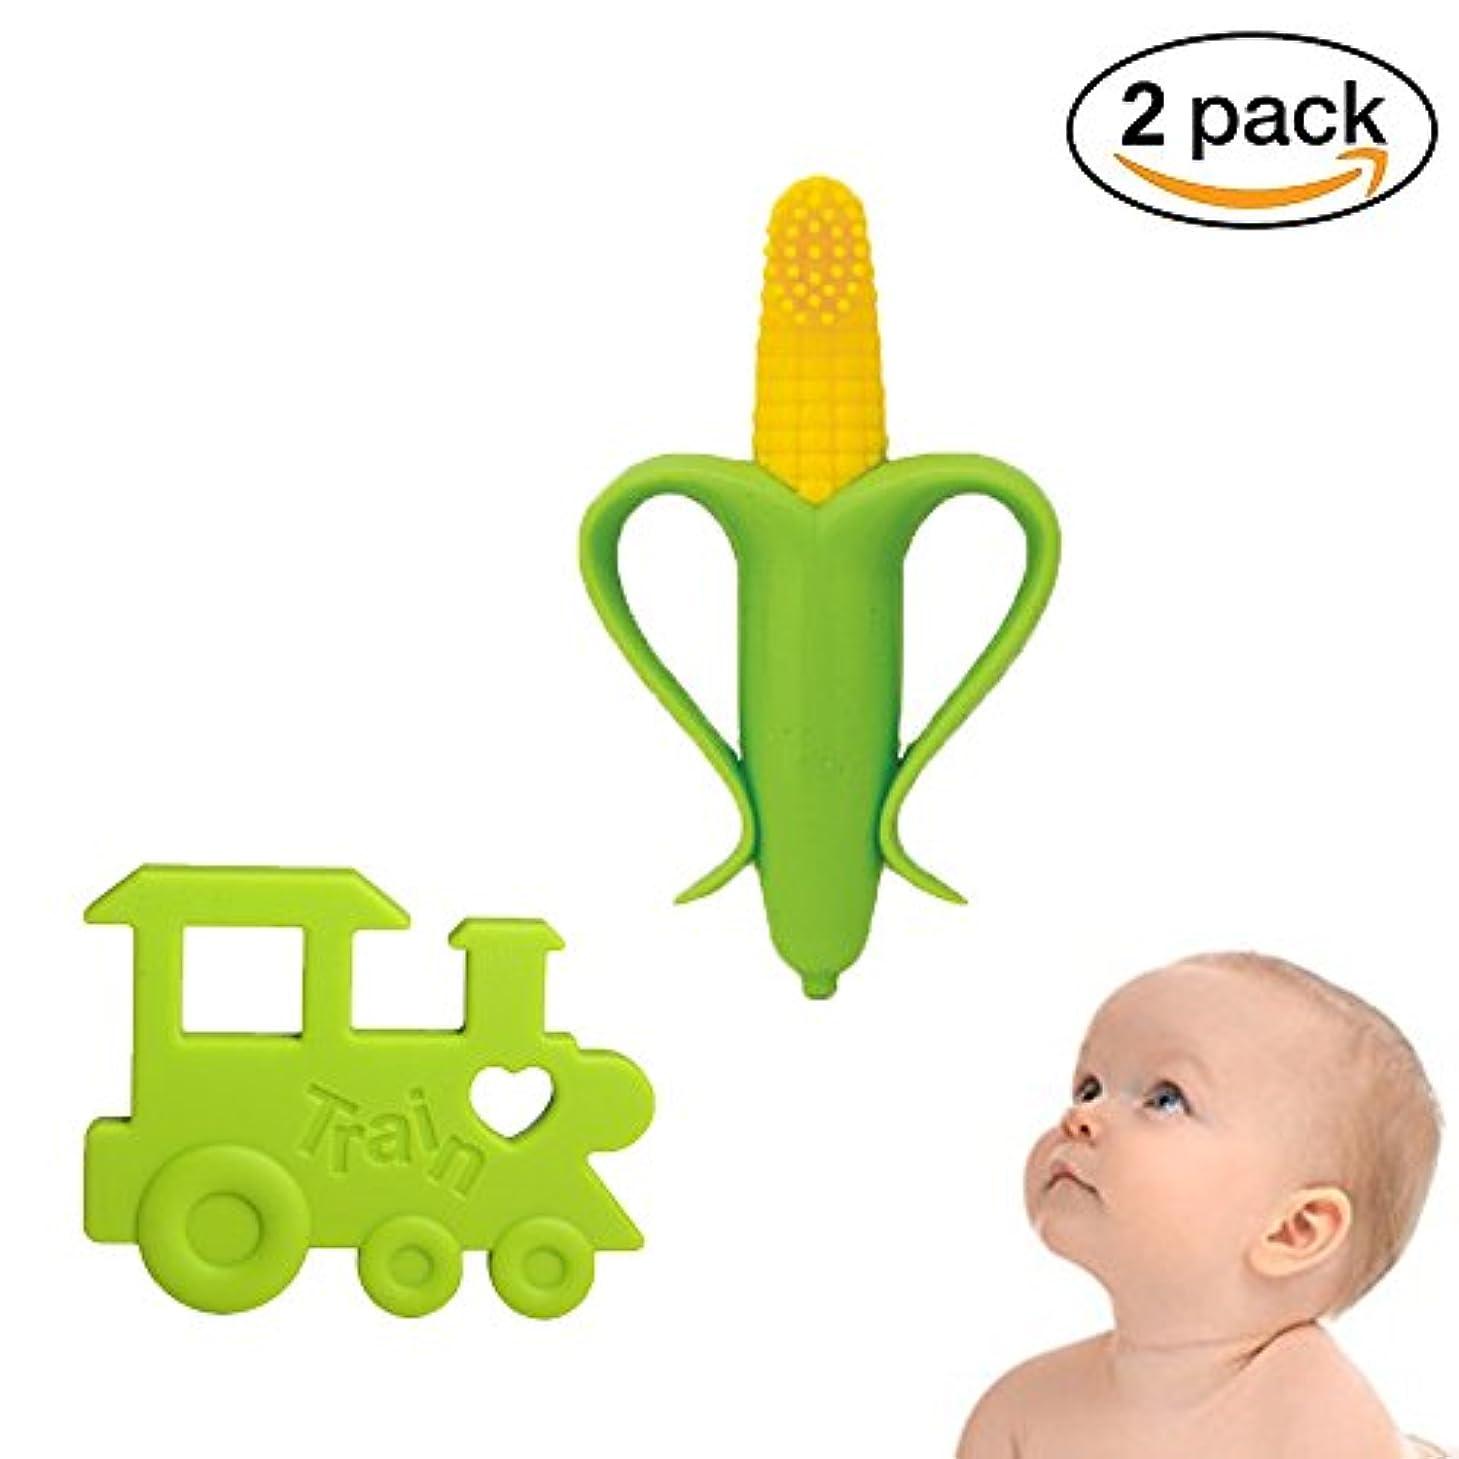 特異なナプキン環境電車チュアブル歯が生える玩具、痛み歯茎の痛みを軽減、BPAフリーでINCHANT赤ちゃんシリコーントレーニング歯ブラシやおしゃぶり